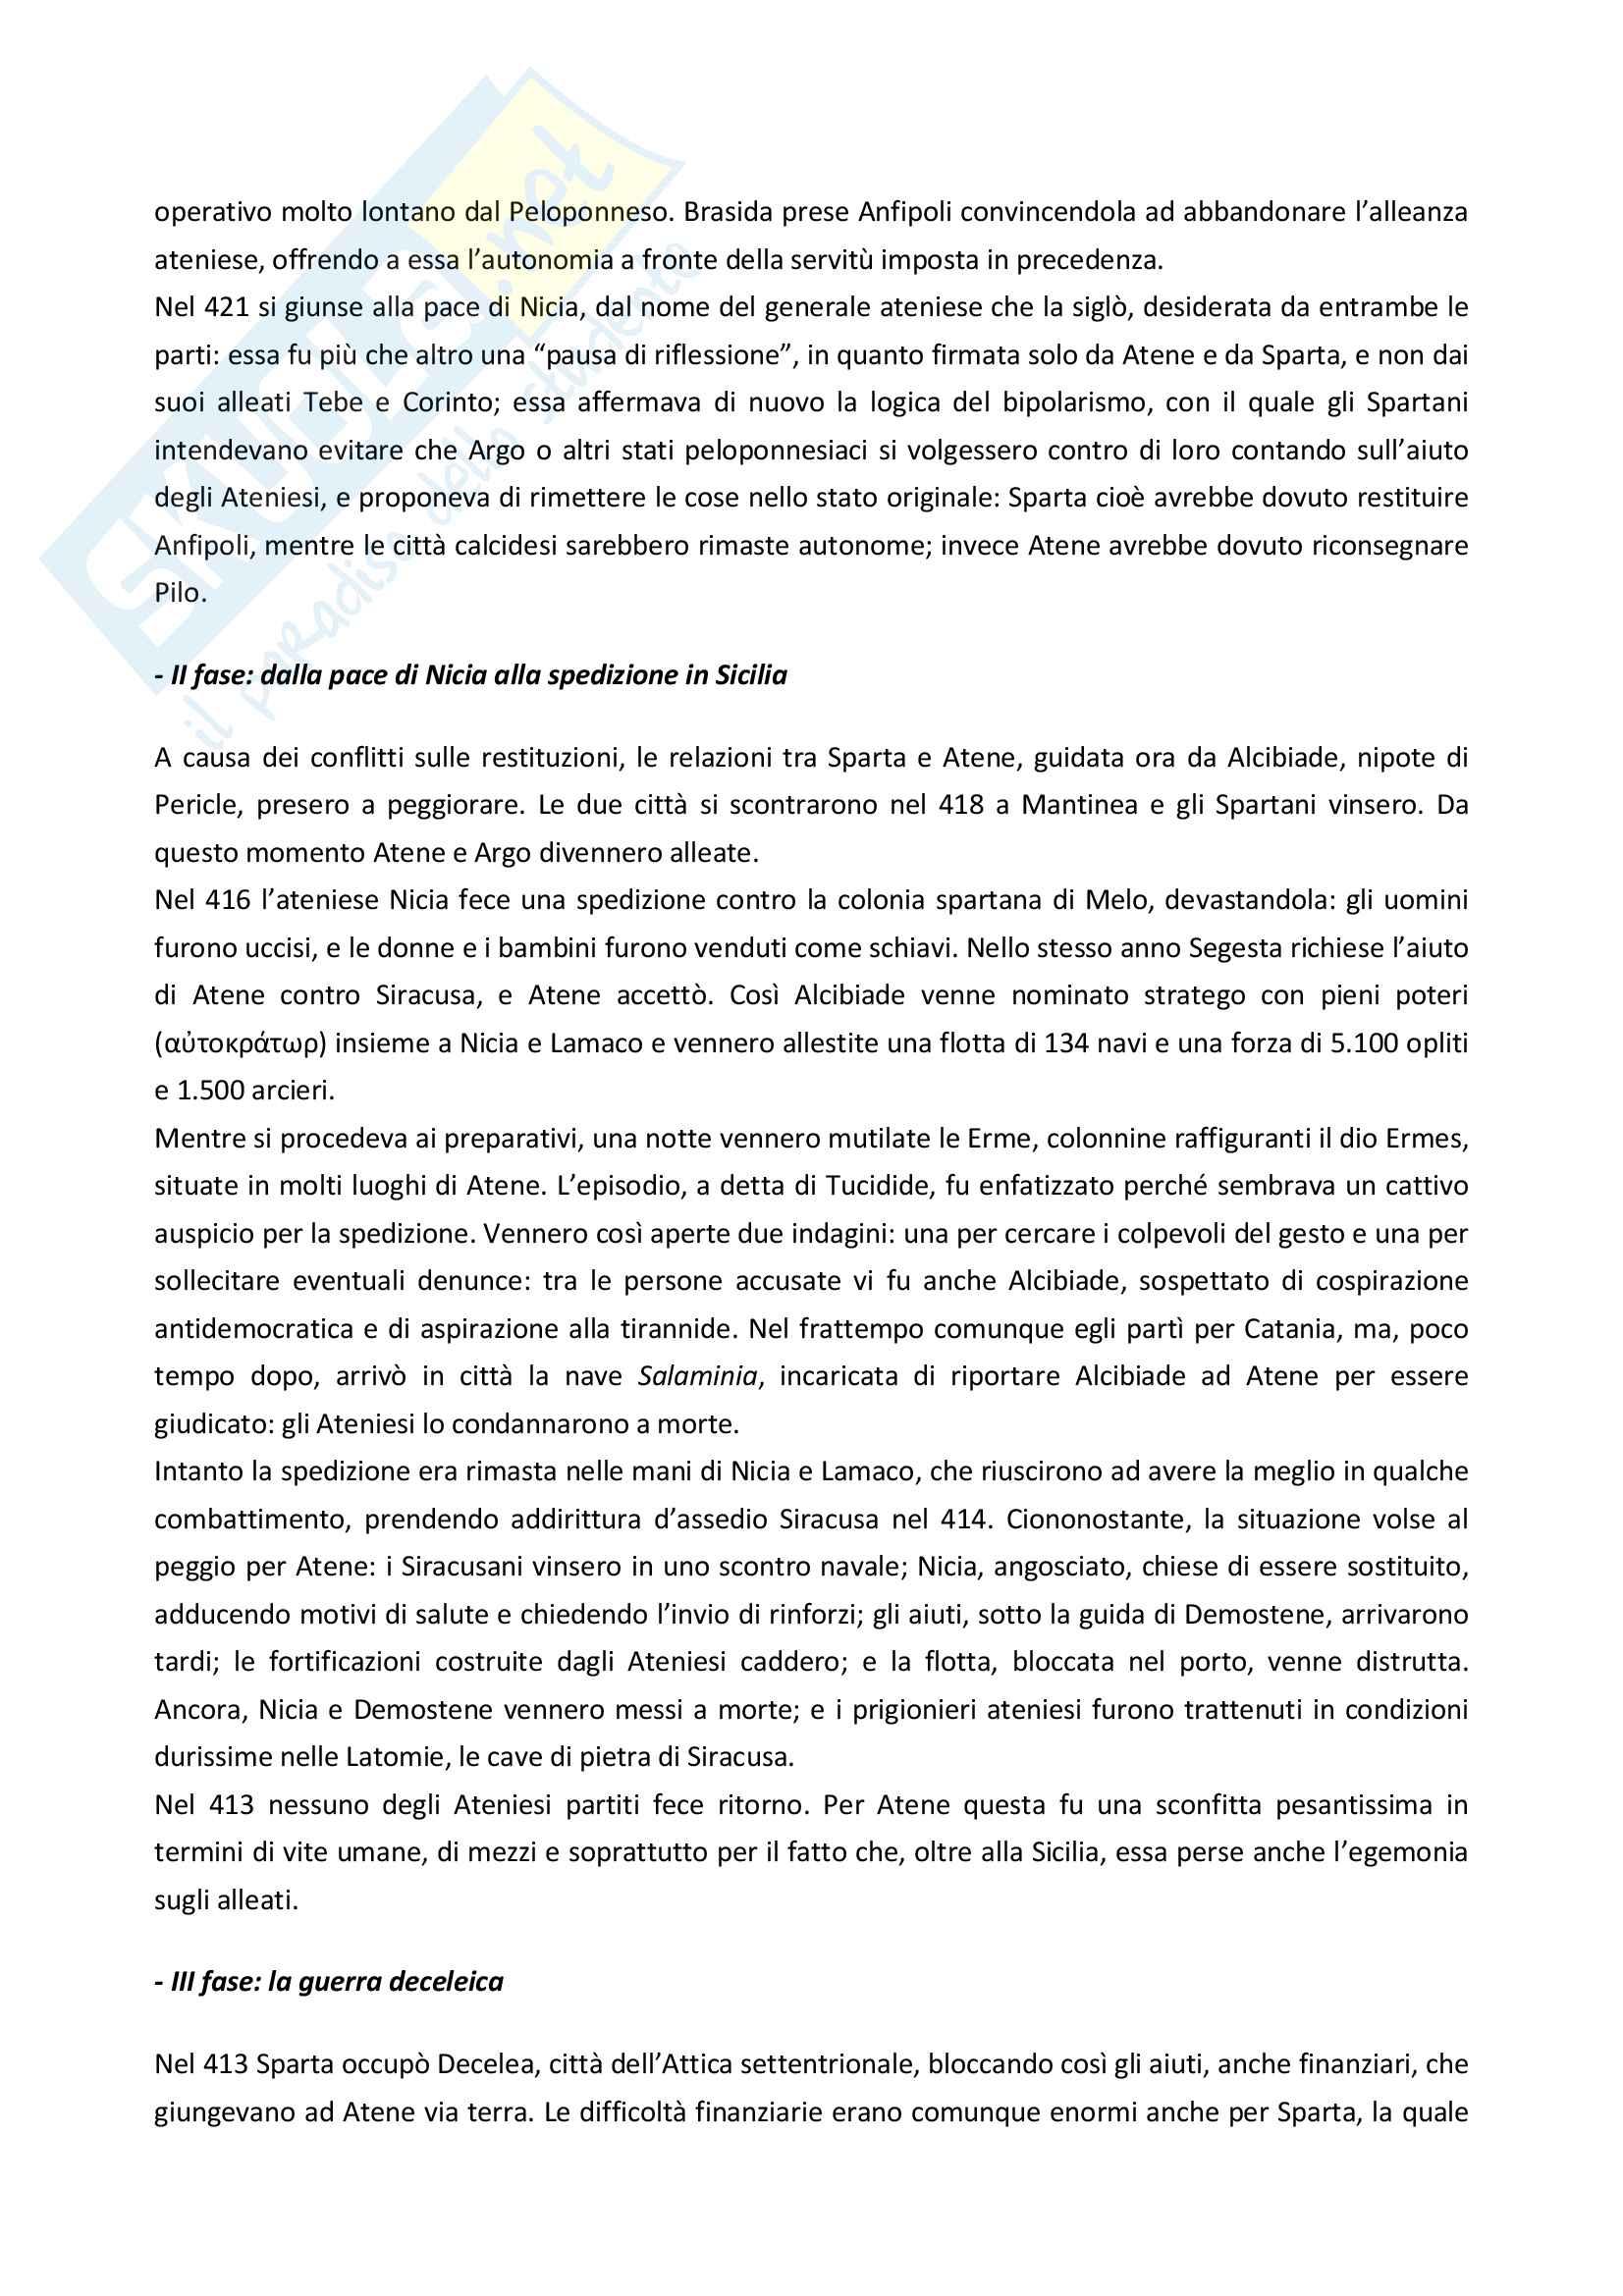 """Riassunto esame storia greca, Prof.ssa Prandi, libro consigliato """"Manuale di storia greca"""" (C. Bearzot) Pag. 26"""